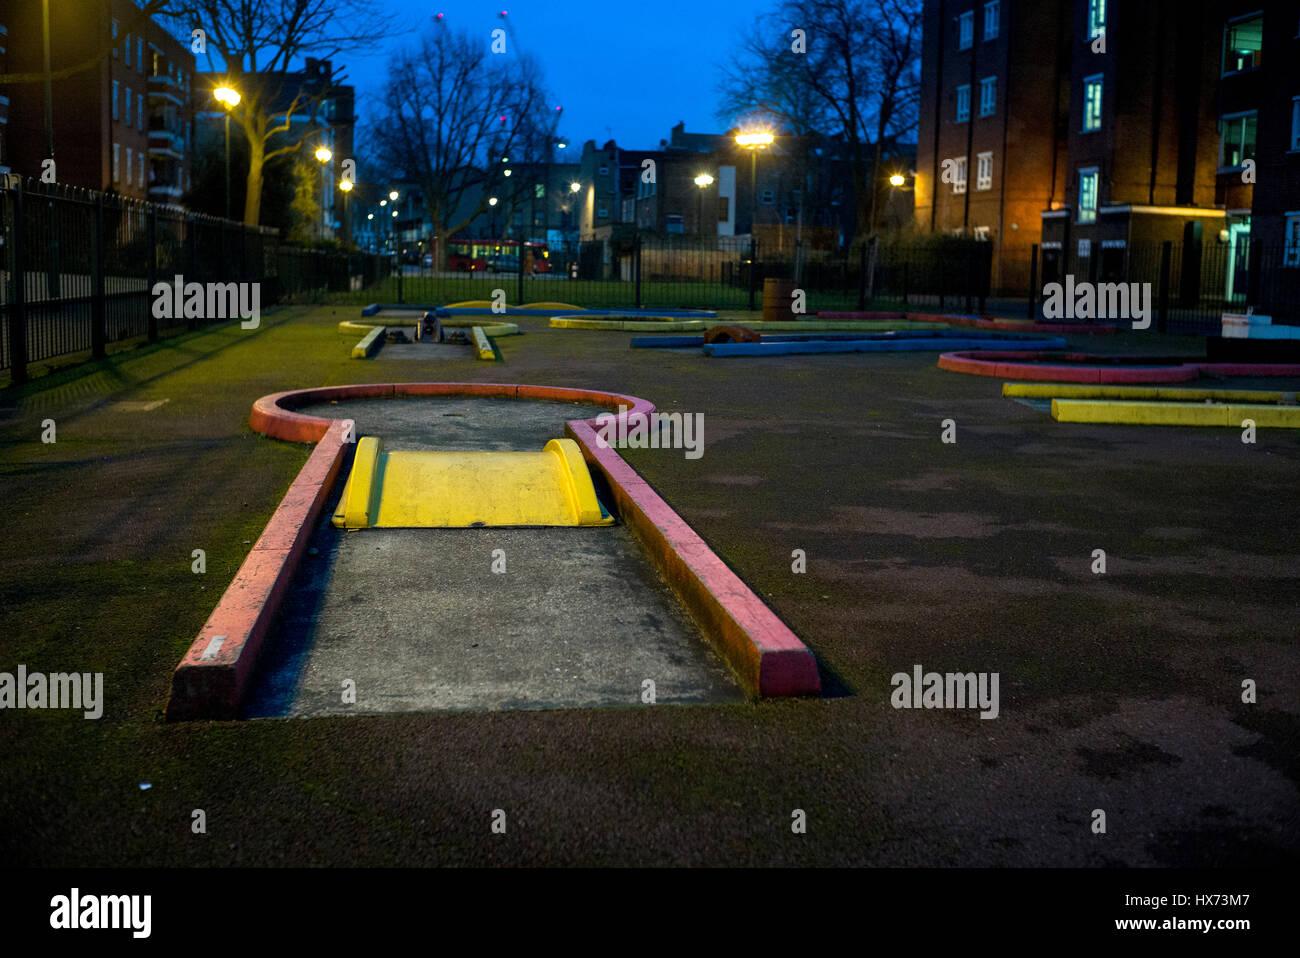 camden council estate crazy golf playground Stock Photo